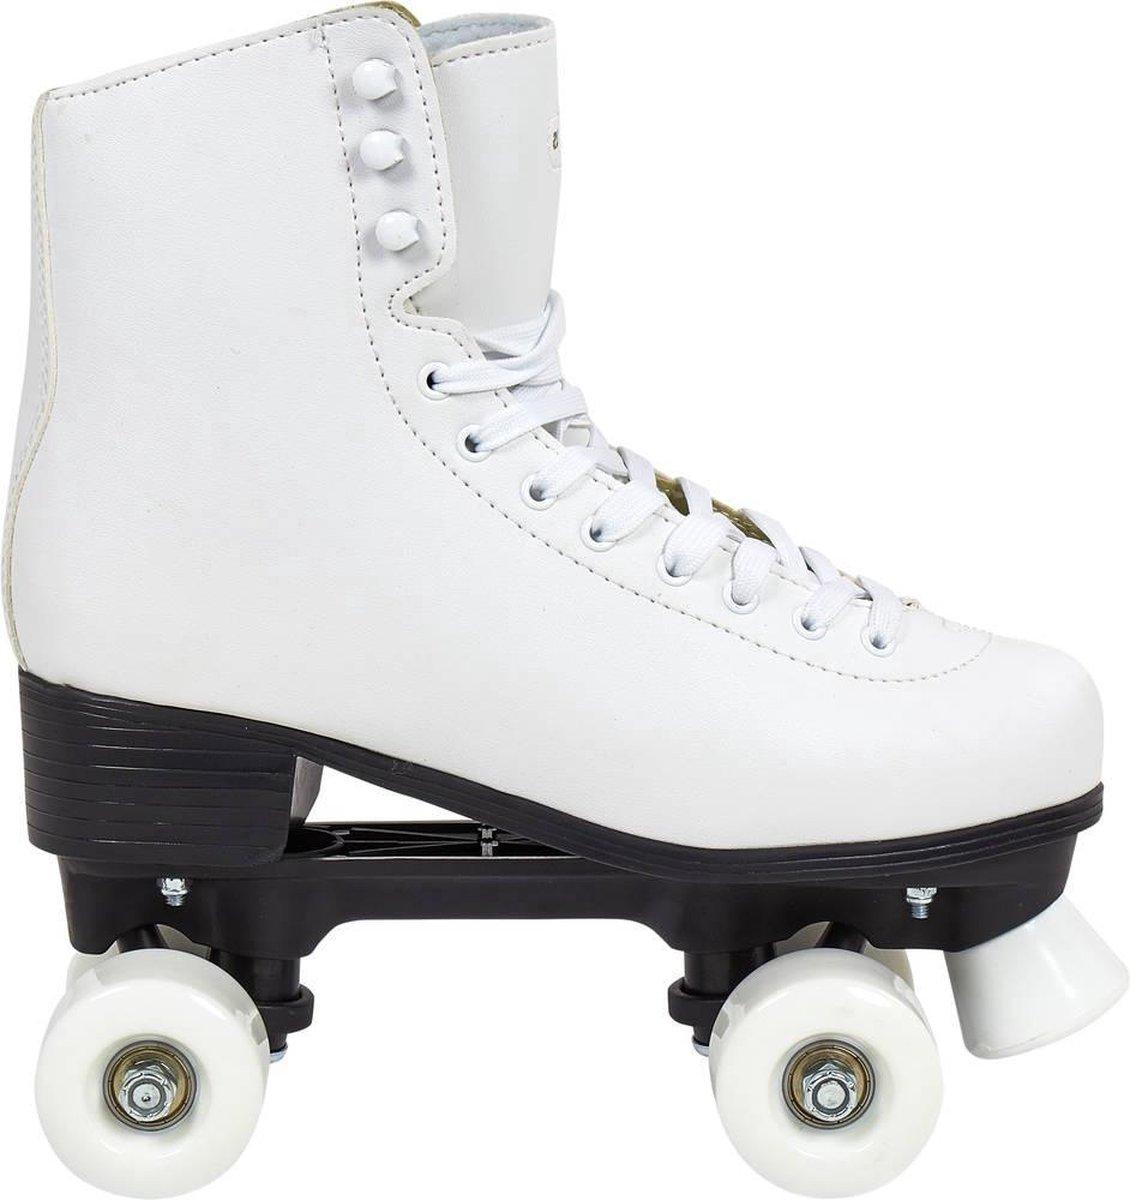 Roces Rc1 Rolschaatsen Dames Wit Maat 40